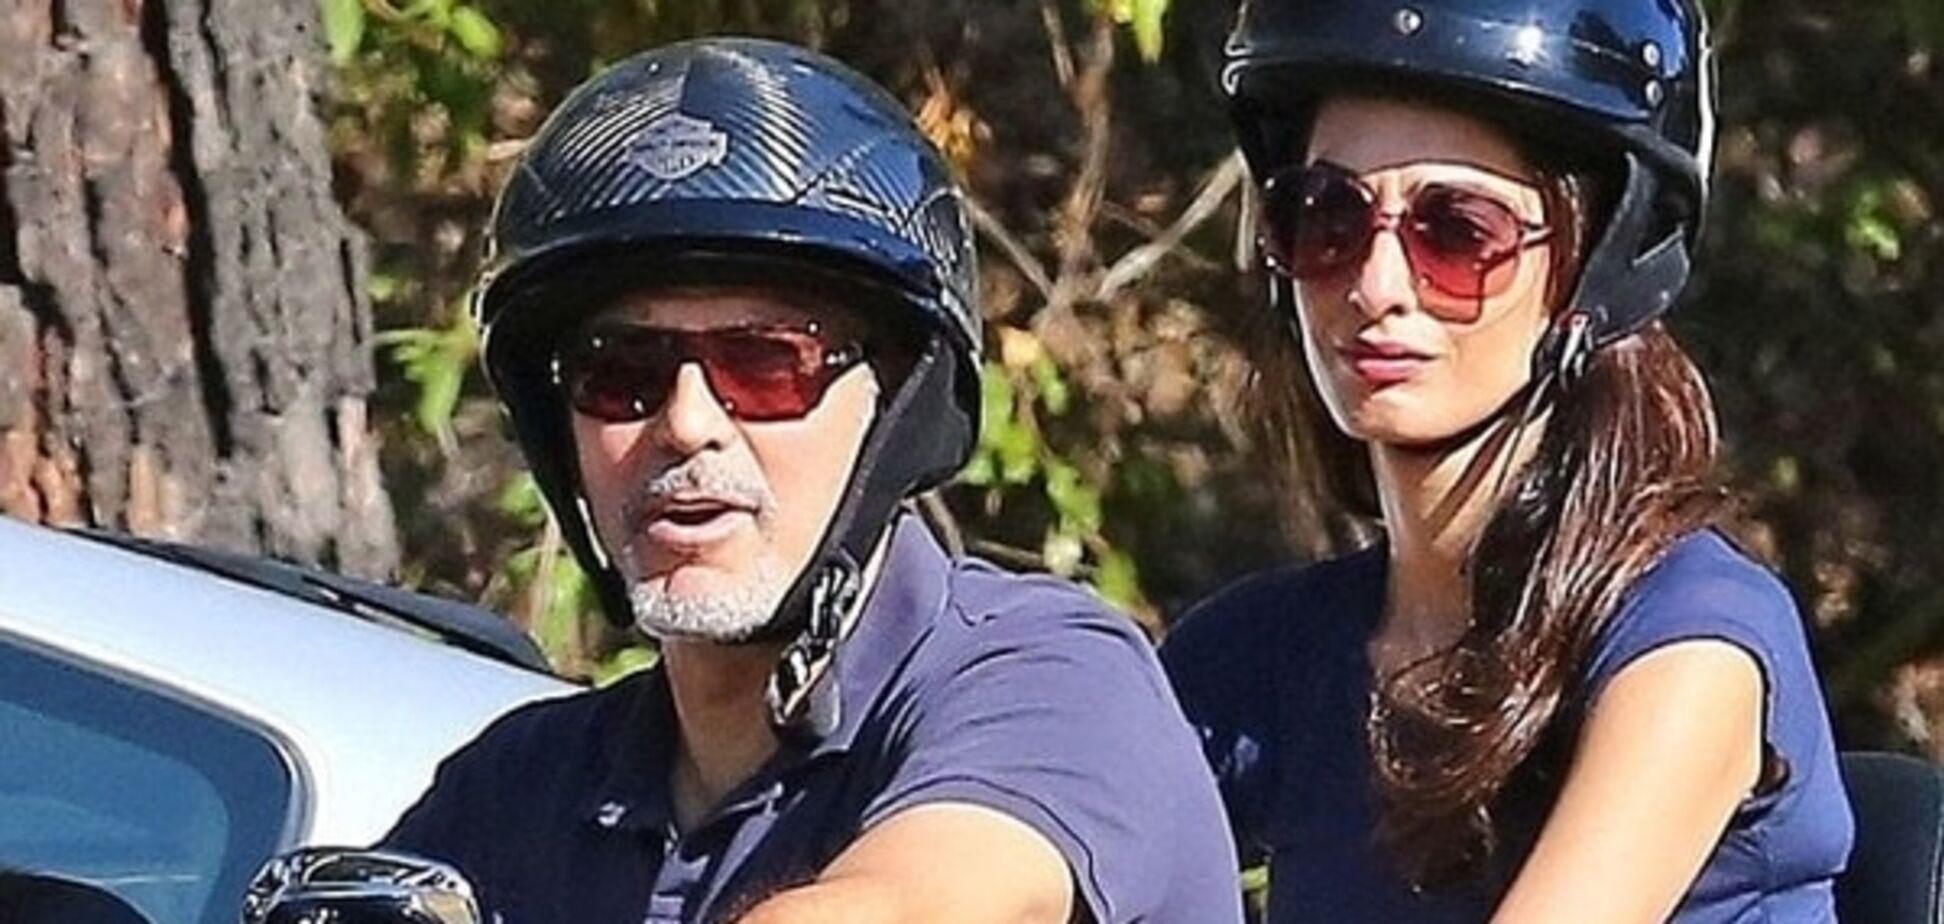 Дерзкие байкеры: Джордж и Амаль Клуни прокатились на крутом мотоцикле